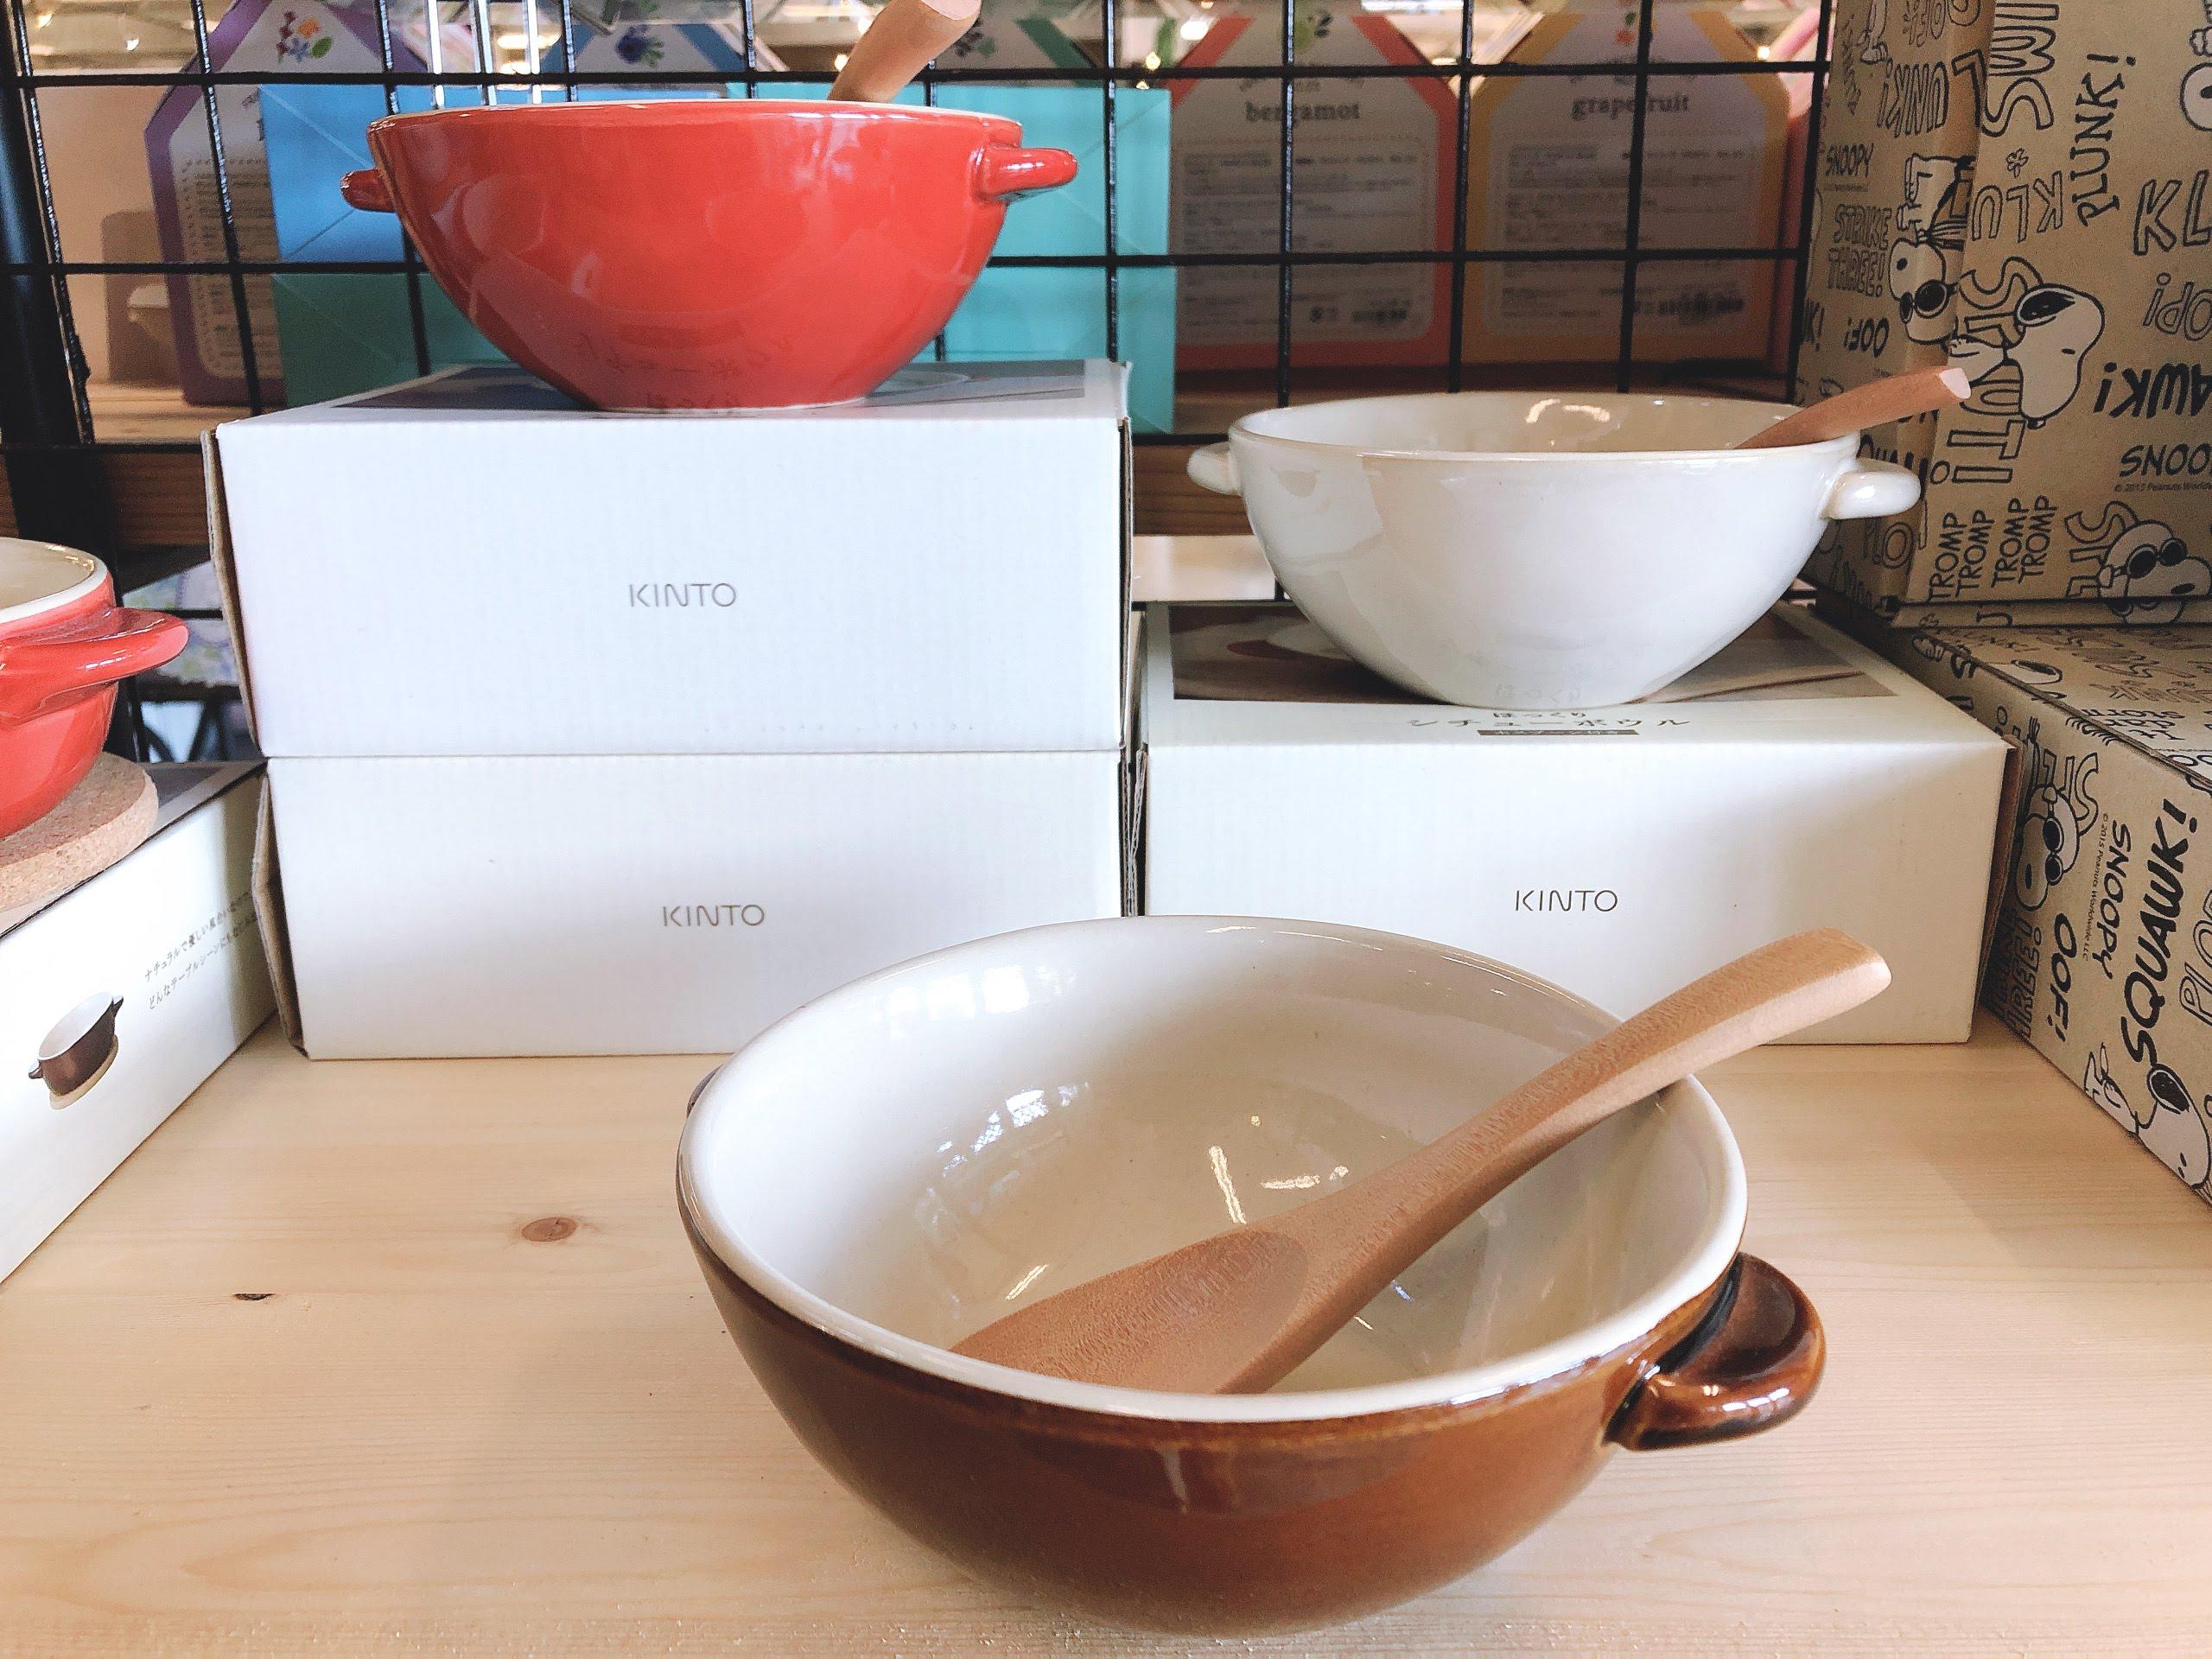 キント―  丸グラタン皿・オーバルグラタン皿・スープボウル 雑貨売り切り特価の画像3